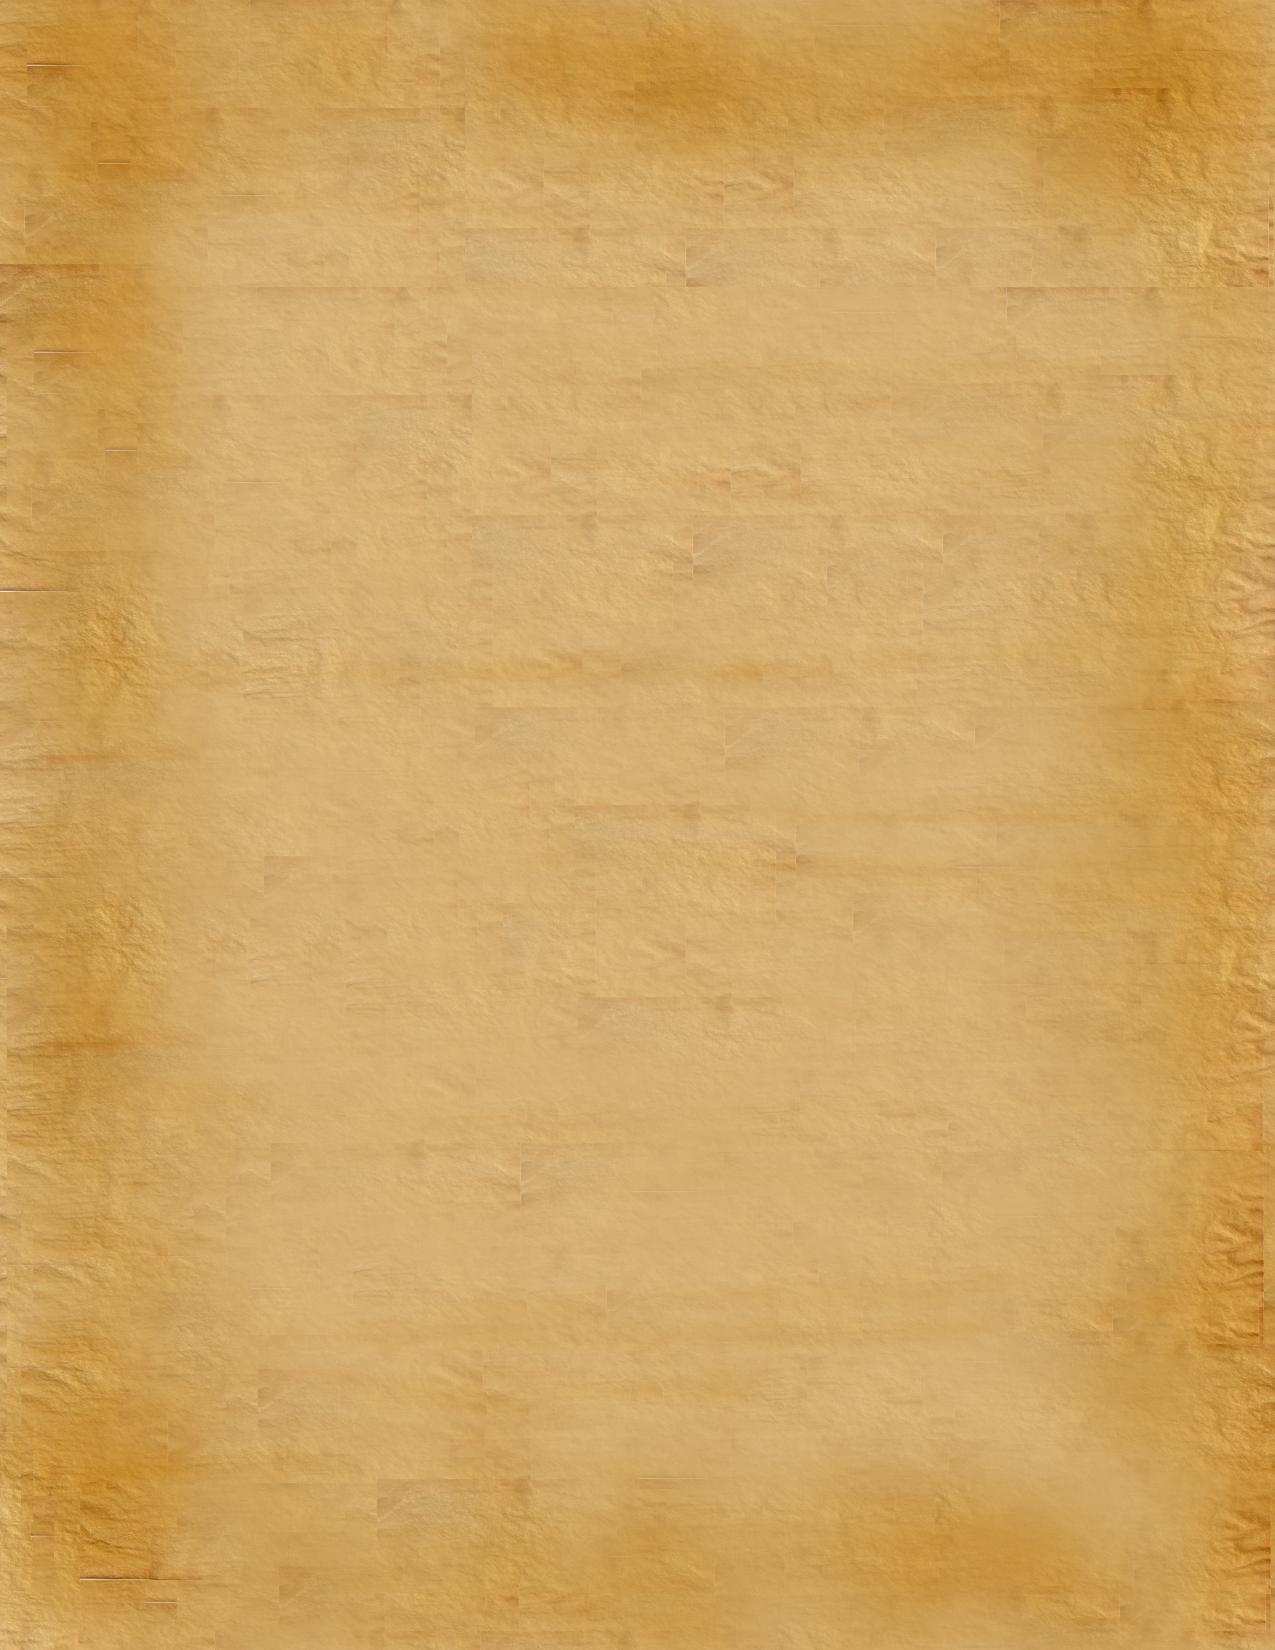 parchment | Explore parchment on DeviantArt